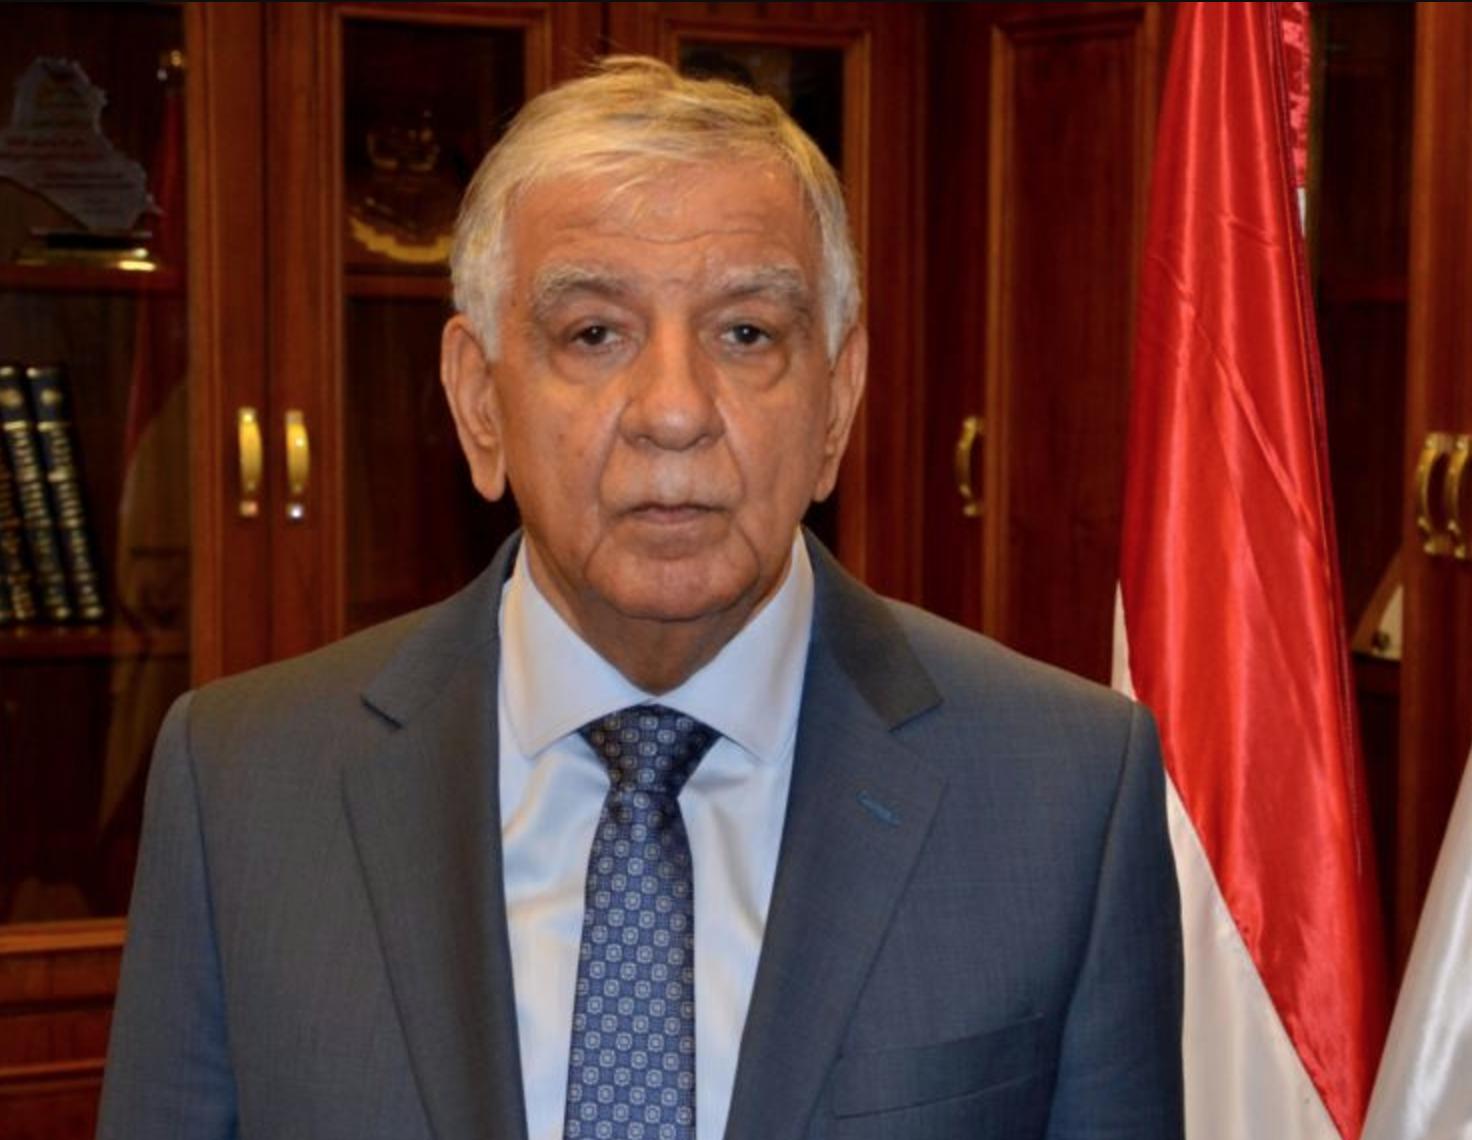 صورة تلفزيون: وزير عراقي يقول مستعد للحوار مع كردستان بشأن النفط